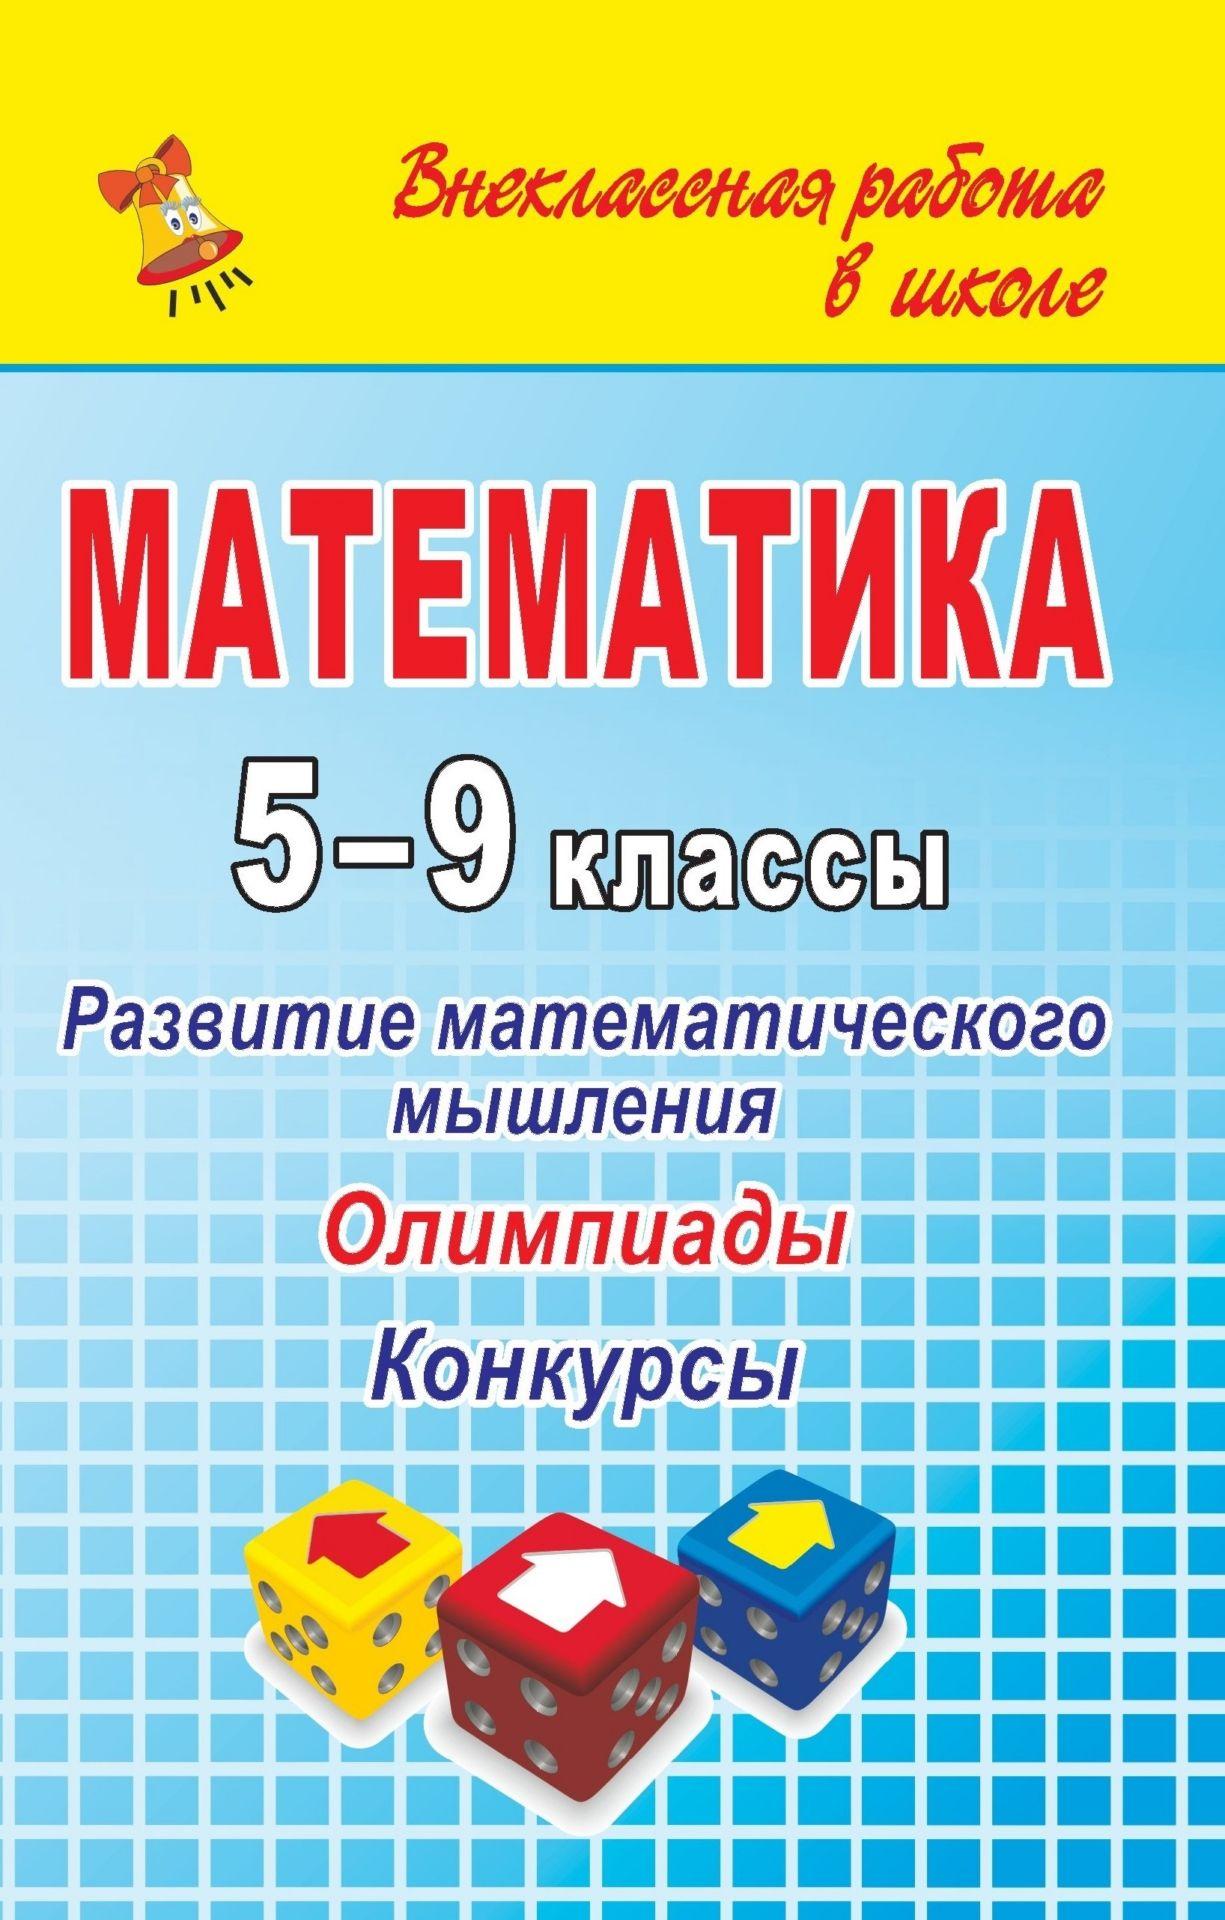 Математика. 5-9 классы. Развитие математического мышления: олимпиады, конкурсыПредметы<br>Предложенные в пособии технологии по организации и проведению различных форм внеурочной деятельности в рамках учебной дисциплины Математика: математический бой, интеллектуальный марафон, олимпиады, кружковые и клубные занятия - содержат большой набор не...<br><br>Авторы: Фотина И. В.<br>Год: 2017<br>Серия: ФГОС. Внеурочная деятельность<br>ISBN: 978-5-7057-2305-8, 978-5-7057-4818-1<br>Высота: 210<br>Ширина: 140<br>Толщина: 9<br>Переплёт: мягкая, склейка